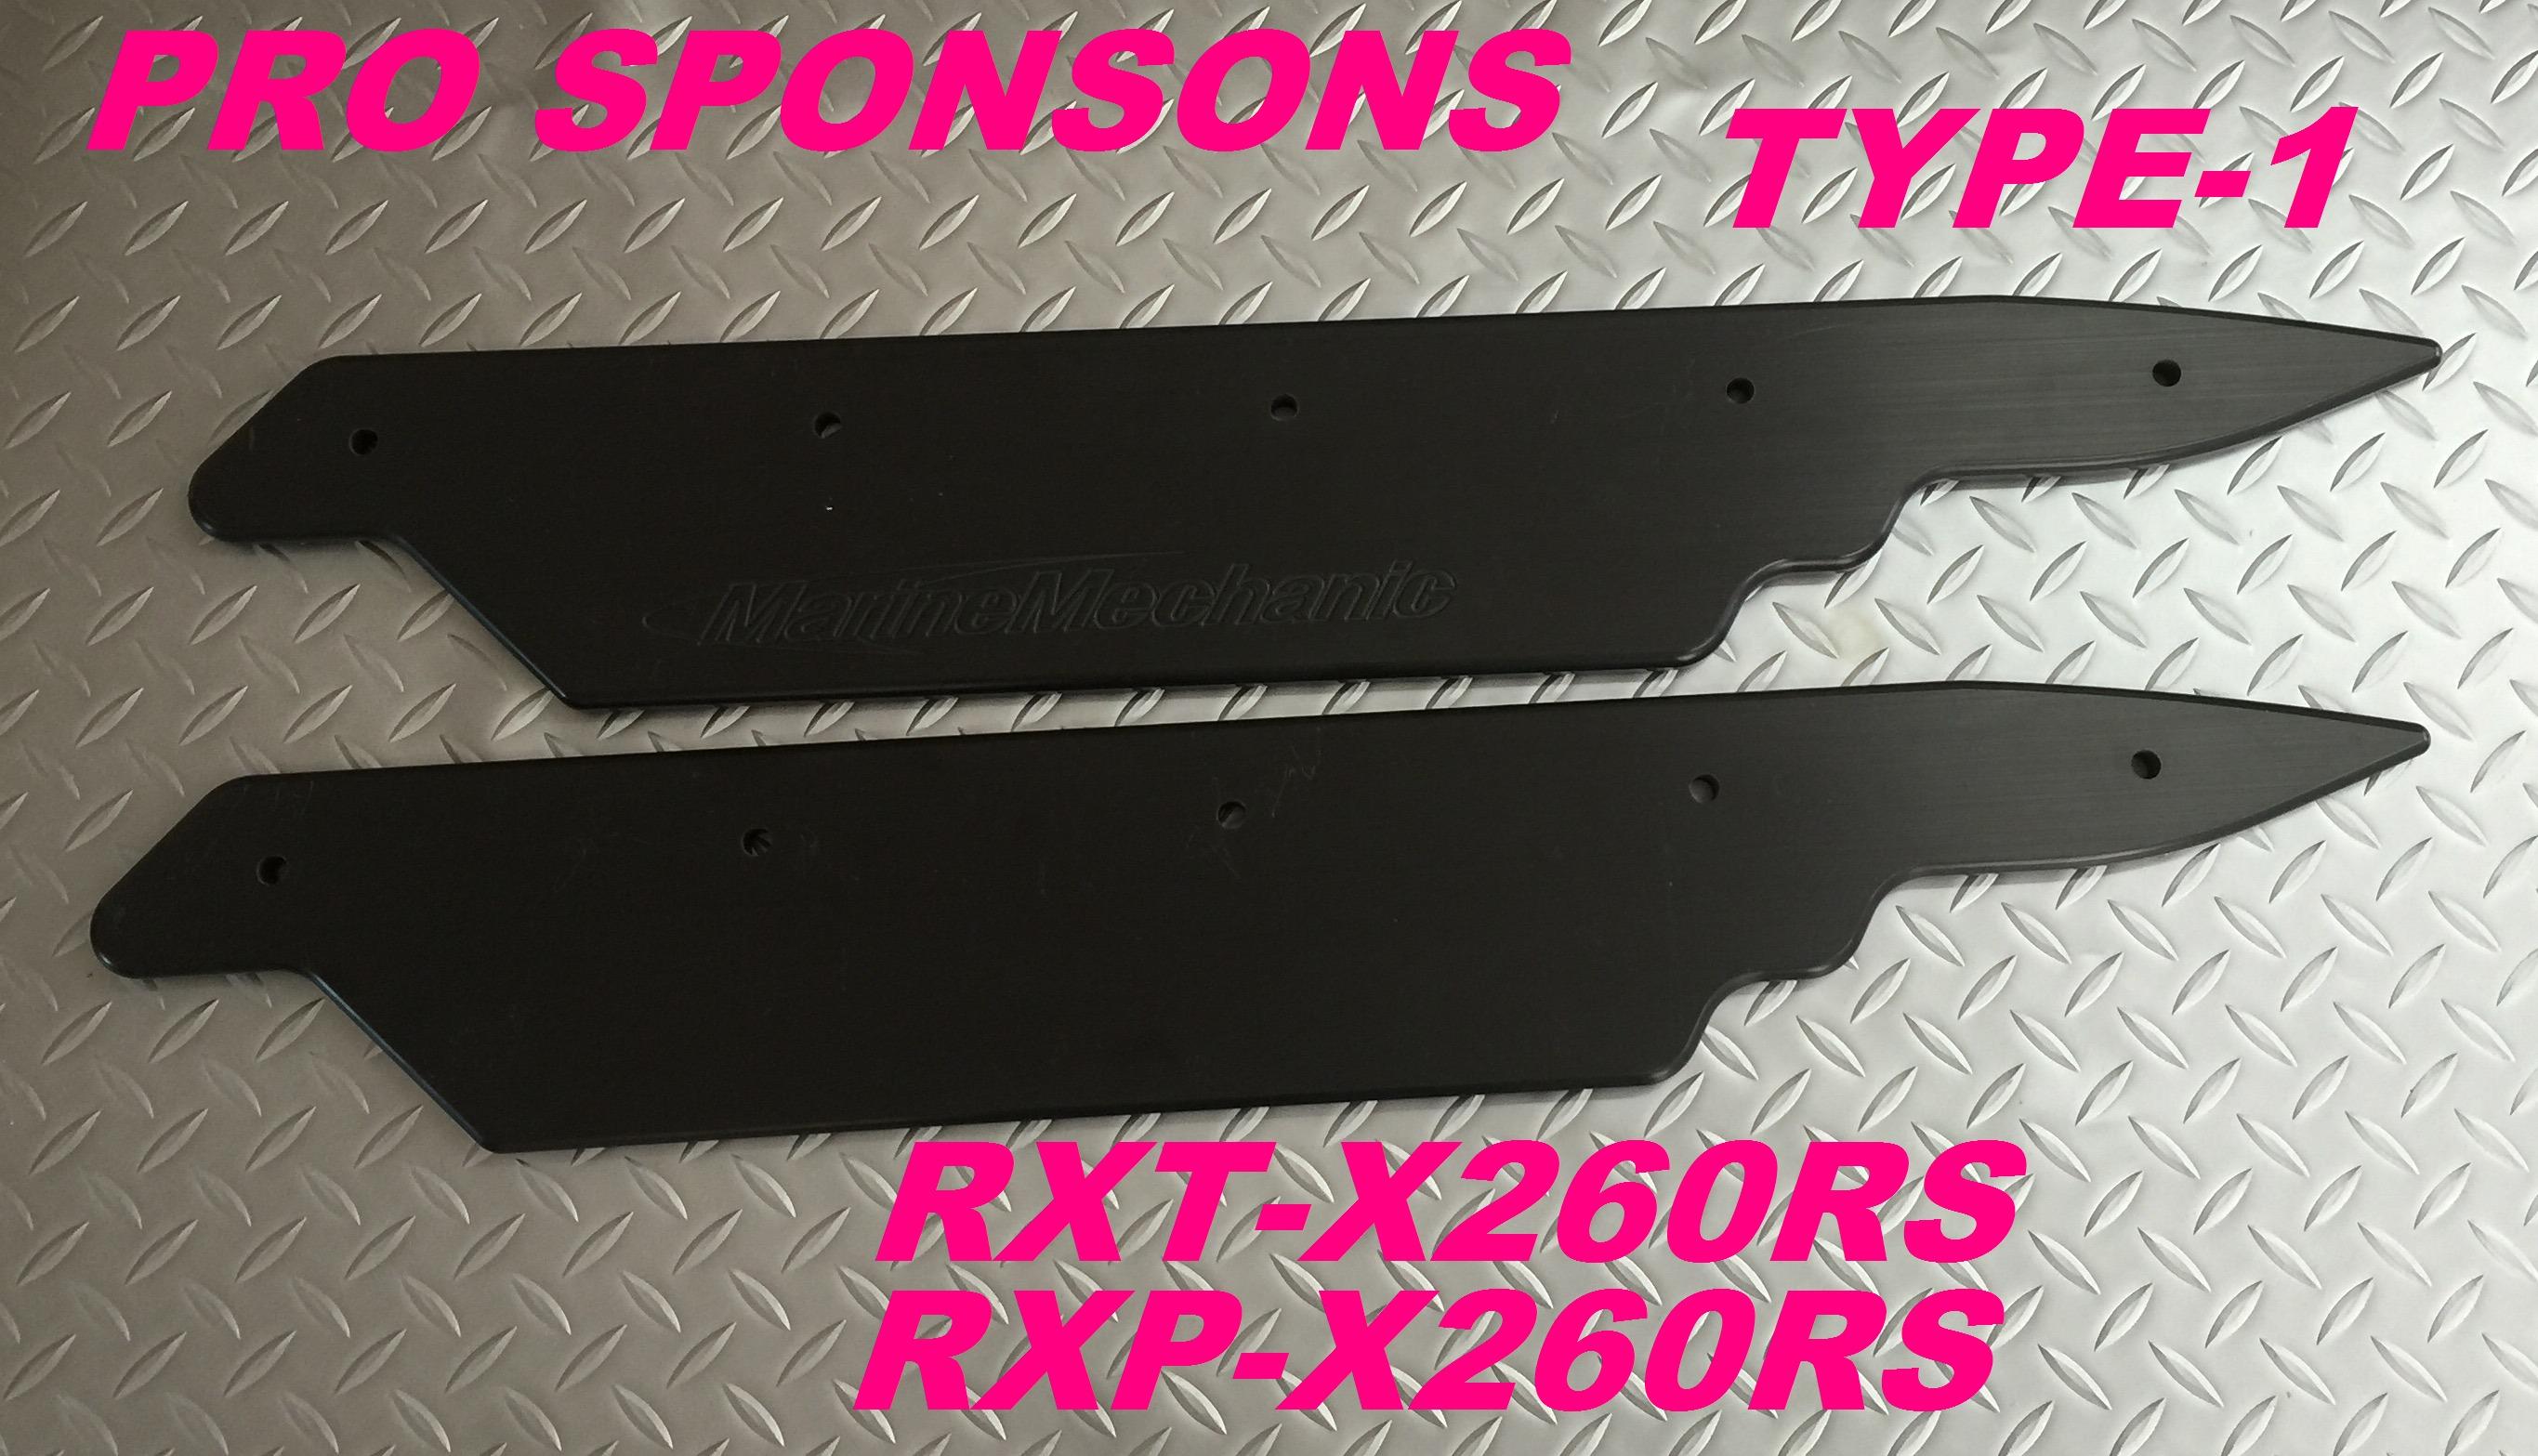 【MM-RXPX001】マリンメカニック PROスポンソン